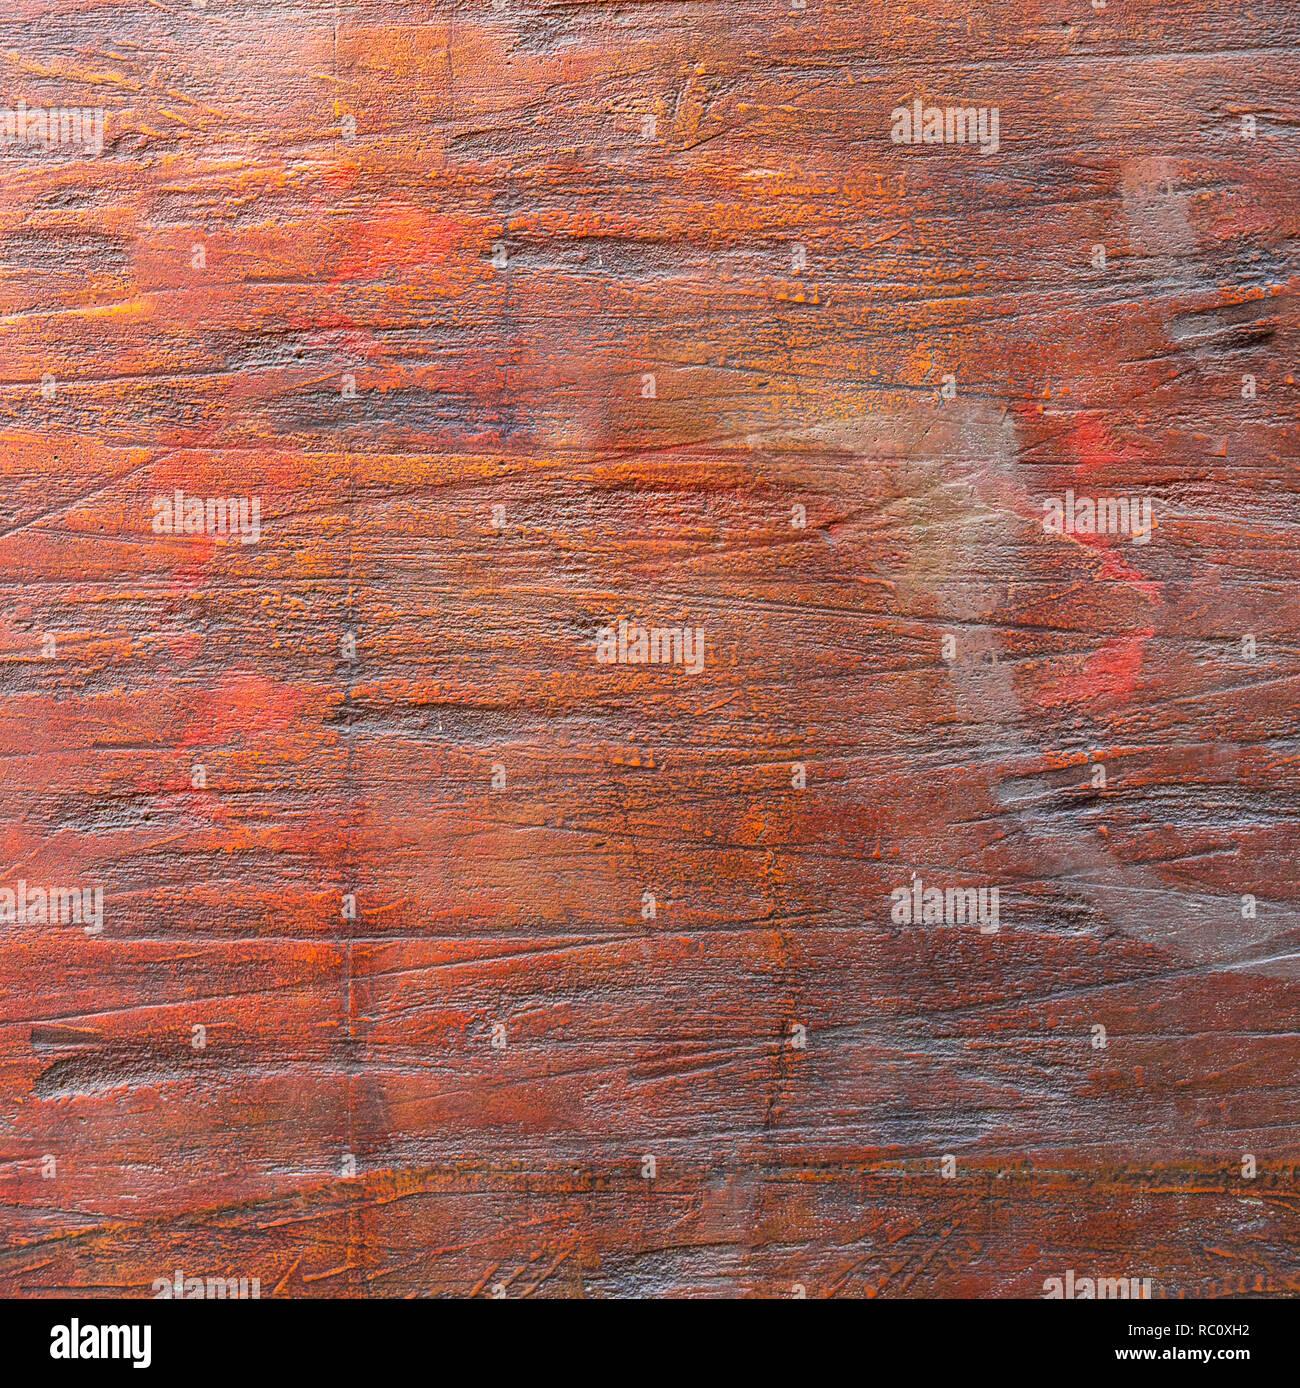 La texture de corail vivant. Grunge fond de couleur, mur. Photo Stock